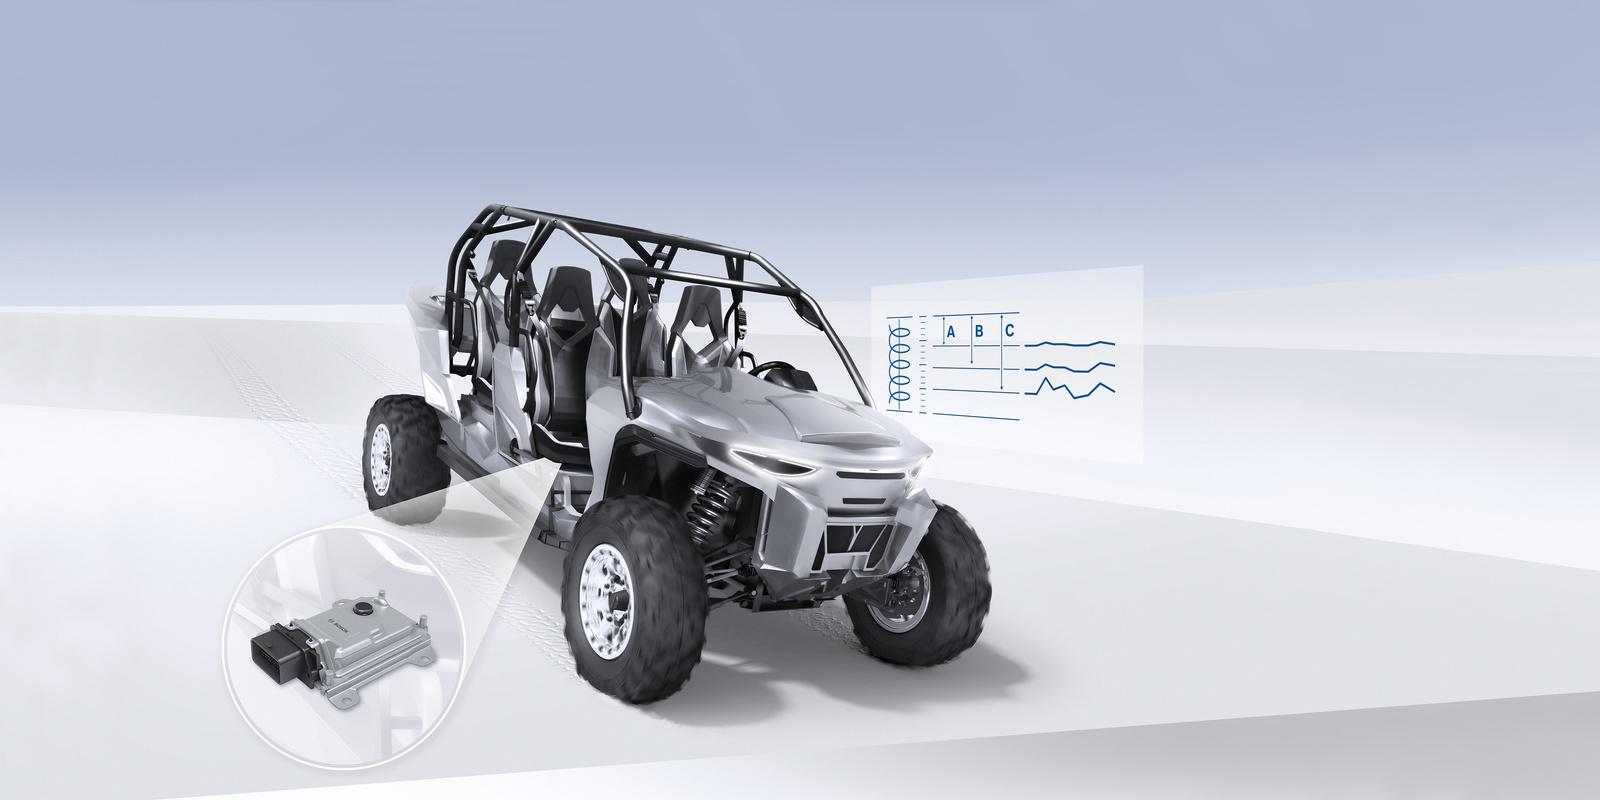 Новый блок управления Bosch SDCU для подвесок полуактивного типа – новый уровень комфорта и безопасности мототранспорта